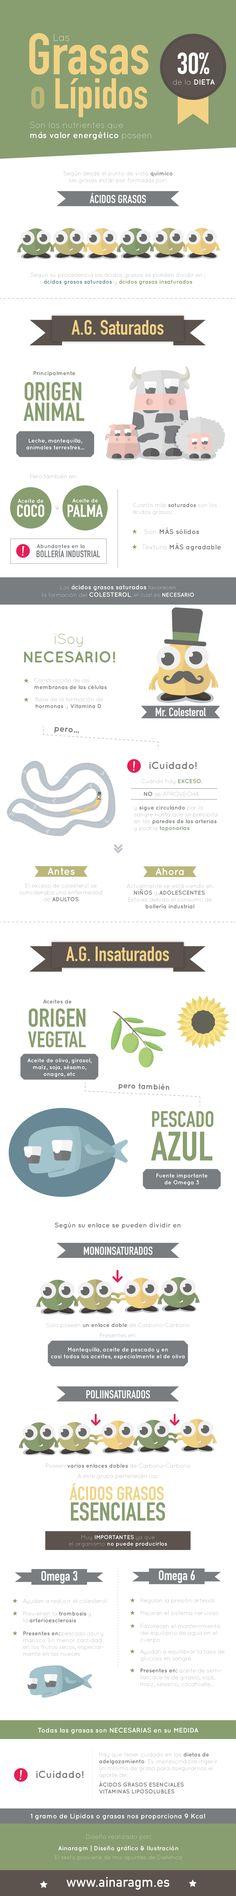 Infografía sobre los lípidos o grasas